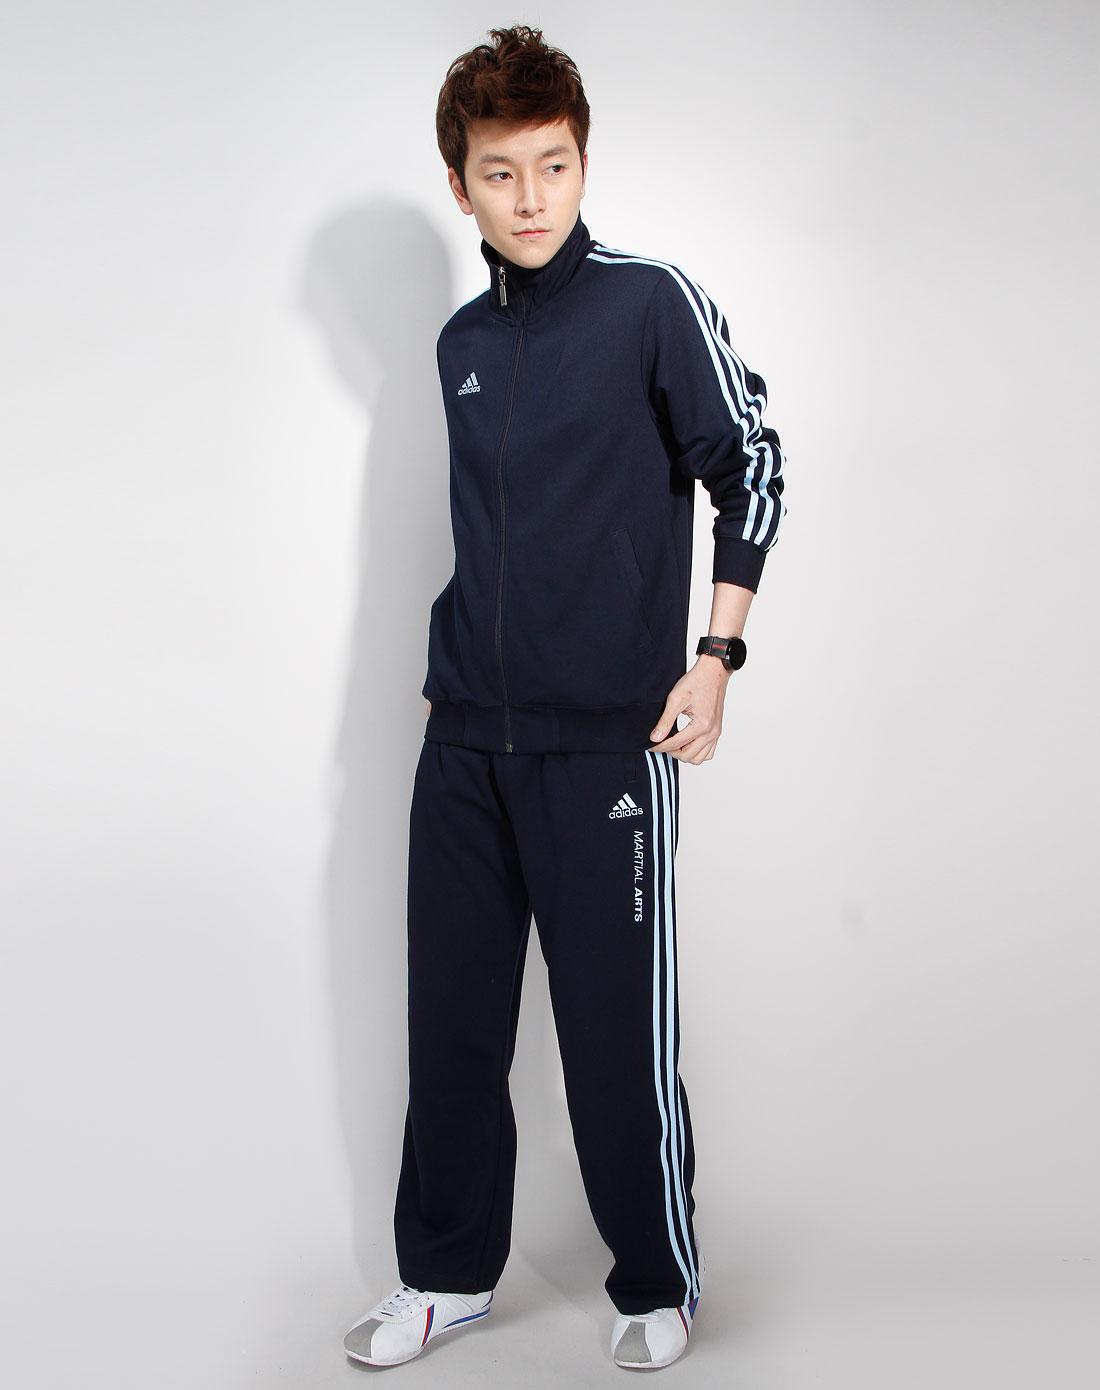 阿迪达斯adidas 男款藏蓝色长袖衫长裤运动套装1图片